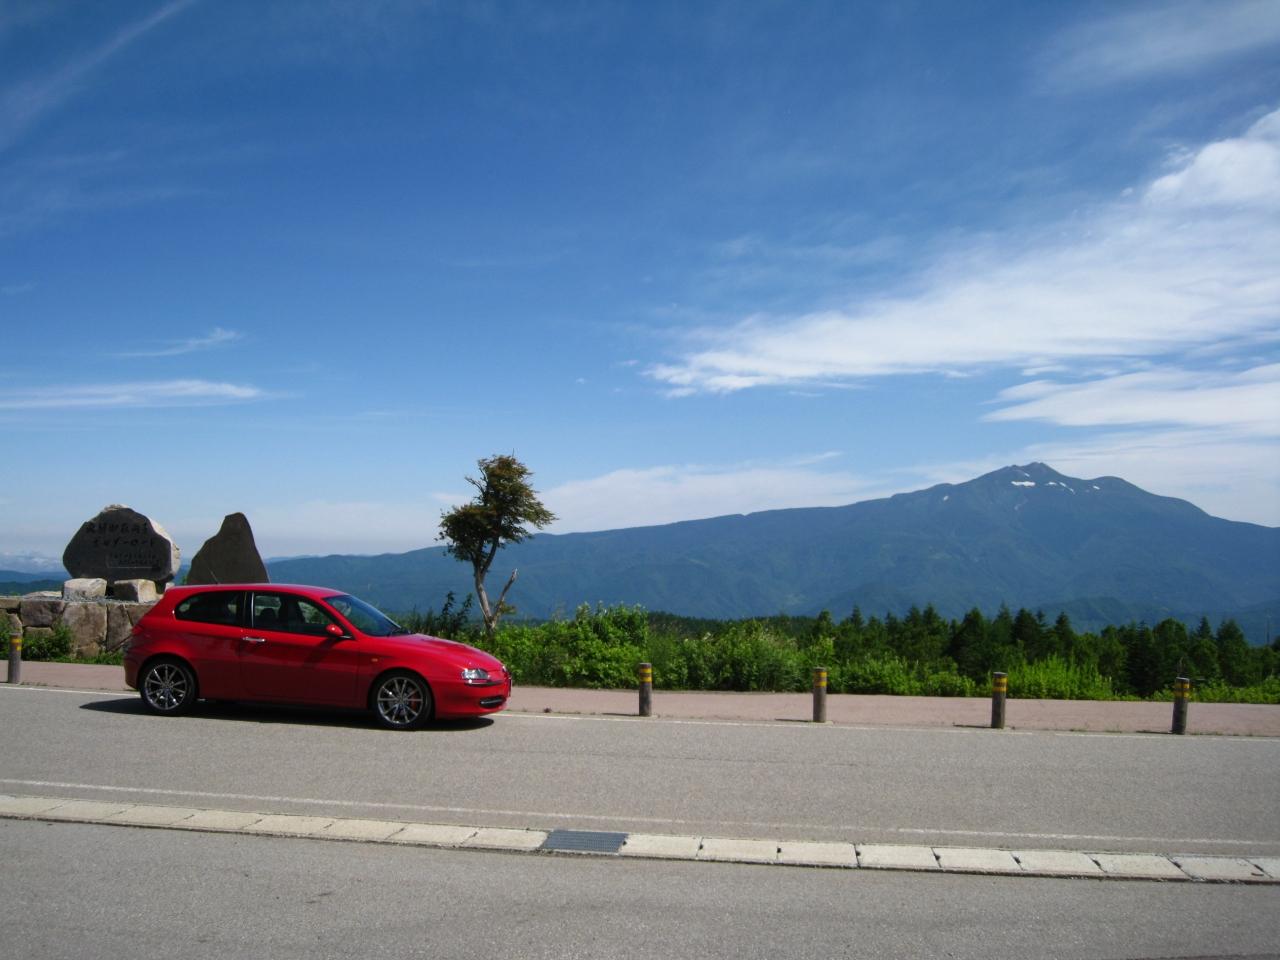 関西方面にお出かけしよう!おすすめのドライブデートをご紹介☆のサムネイル画像